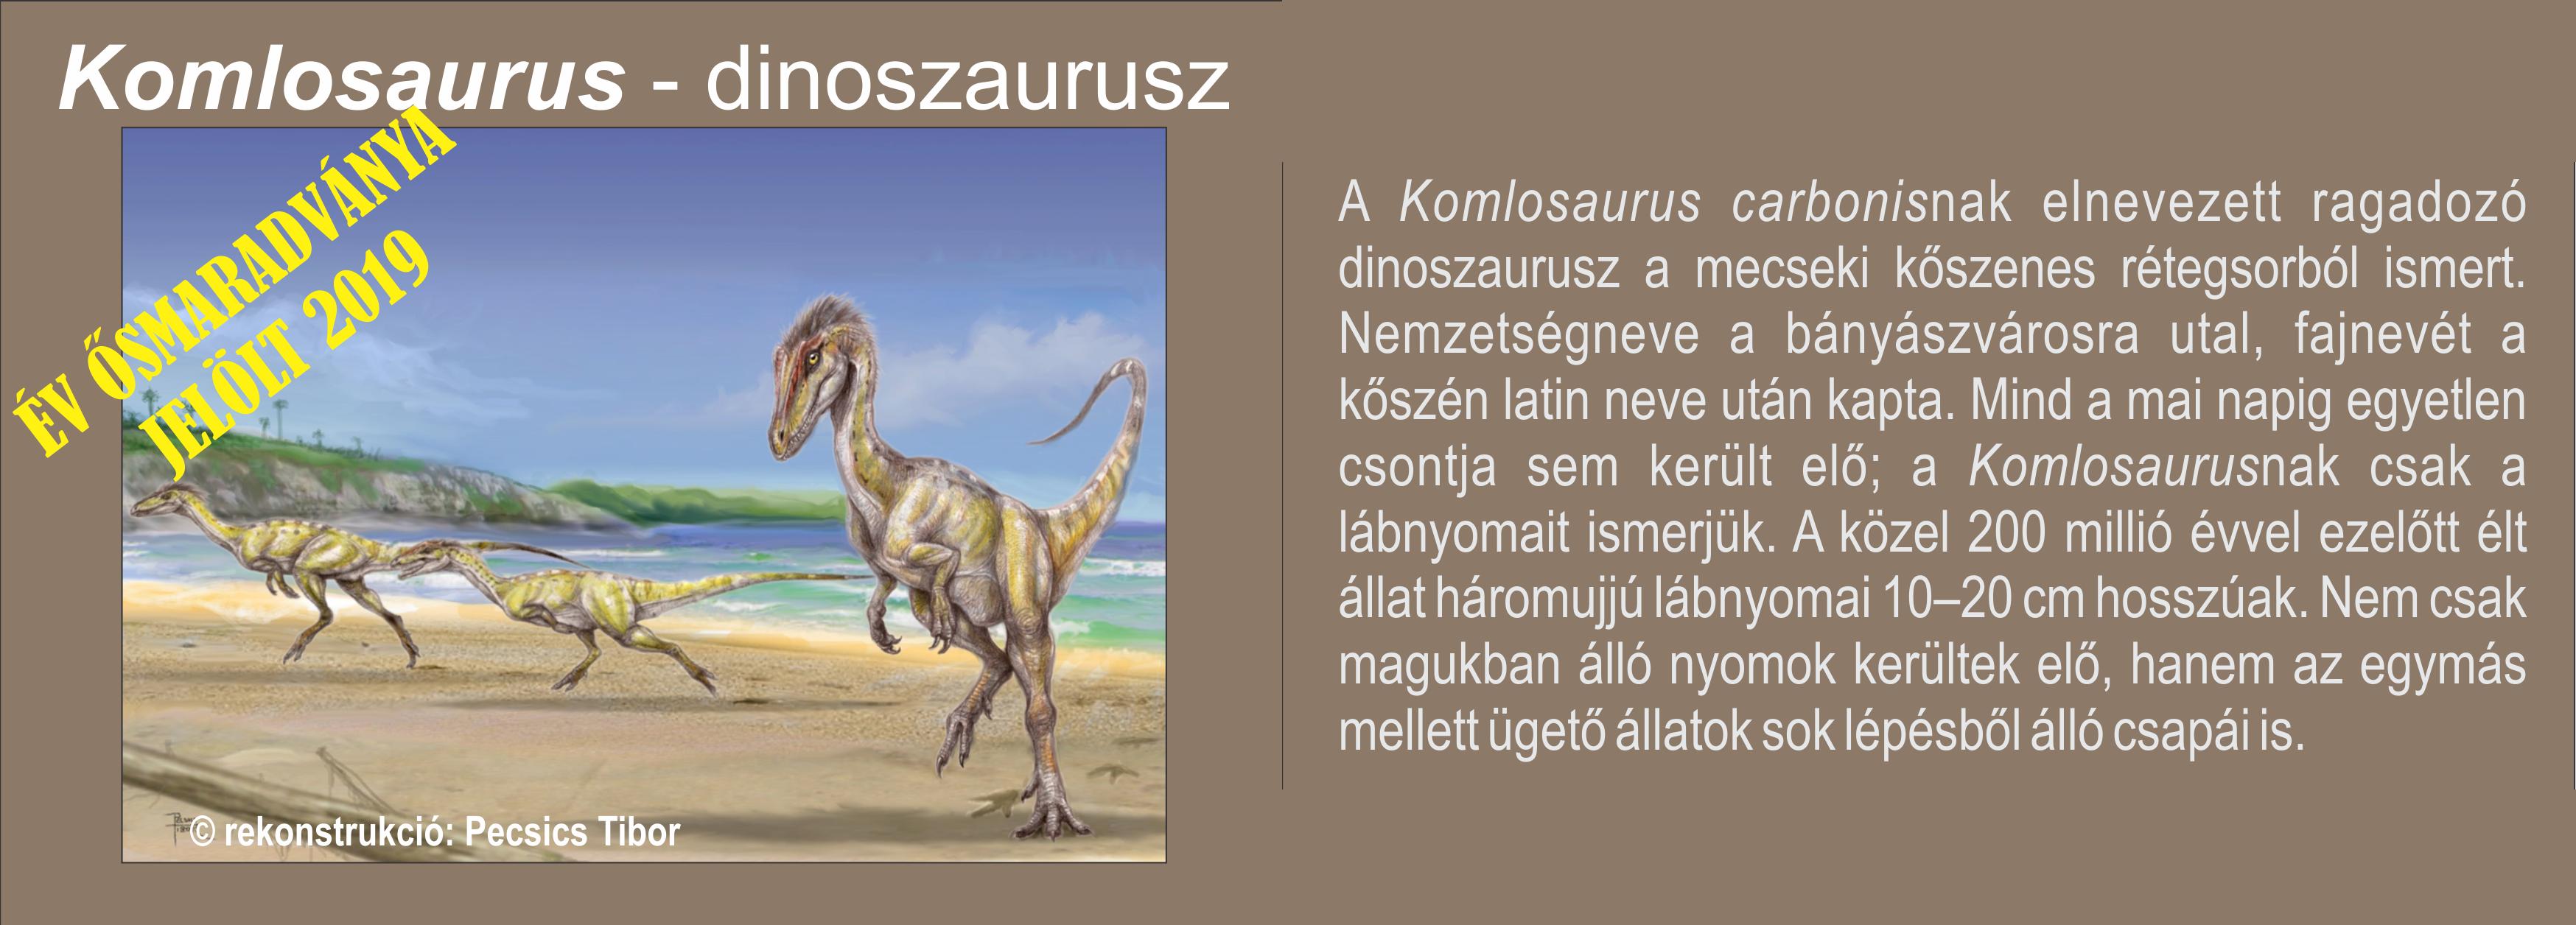 komlos_kepesszoveg_egymasmellett.png